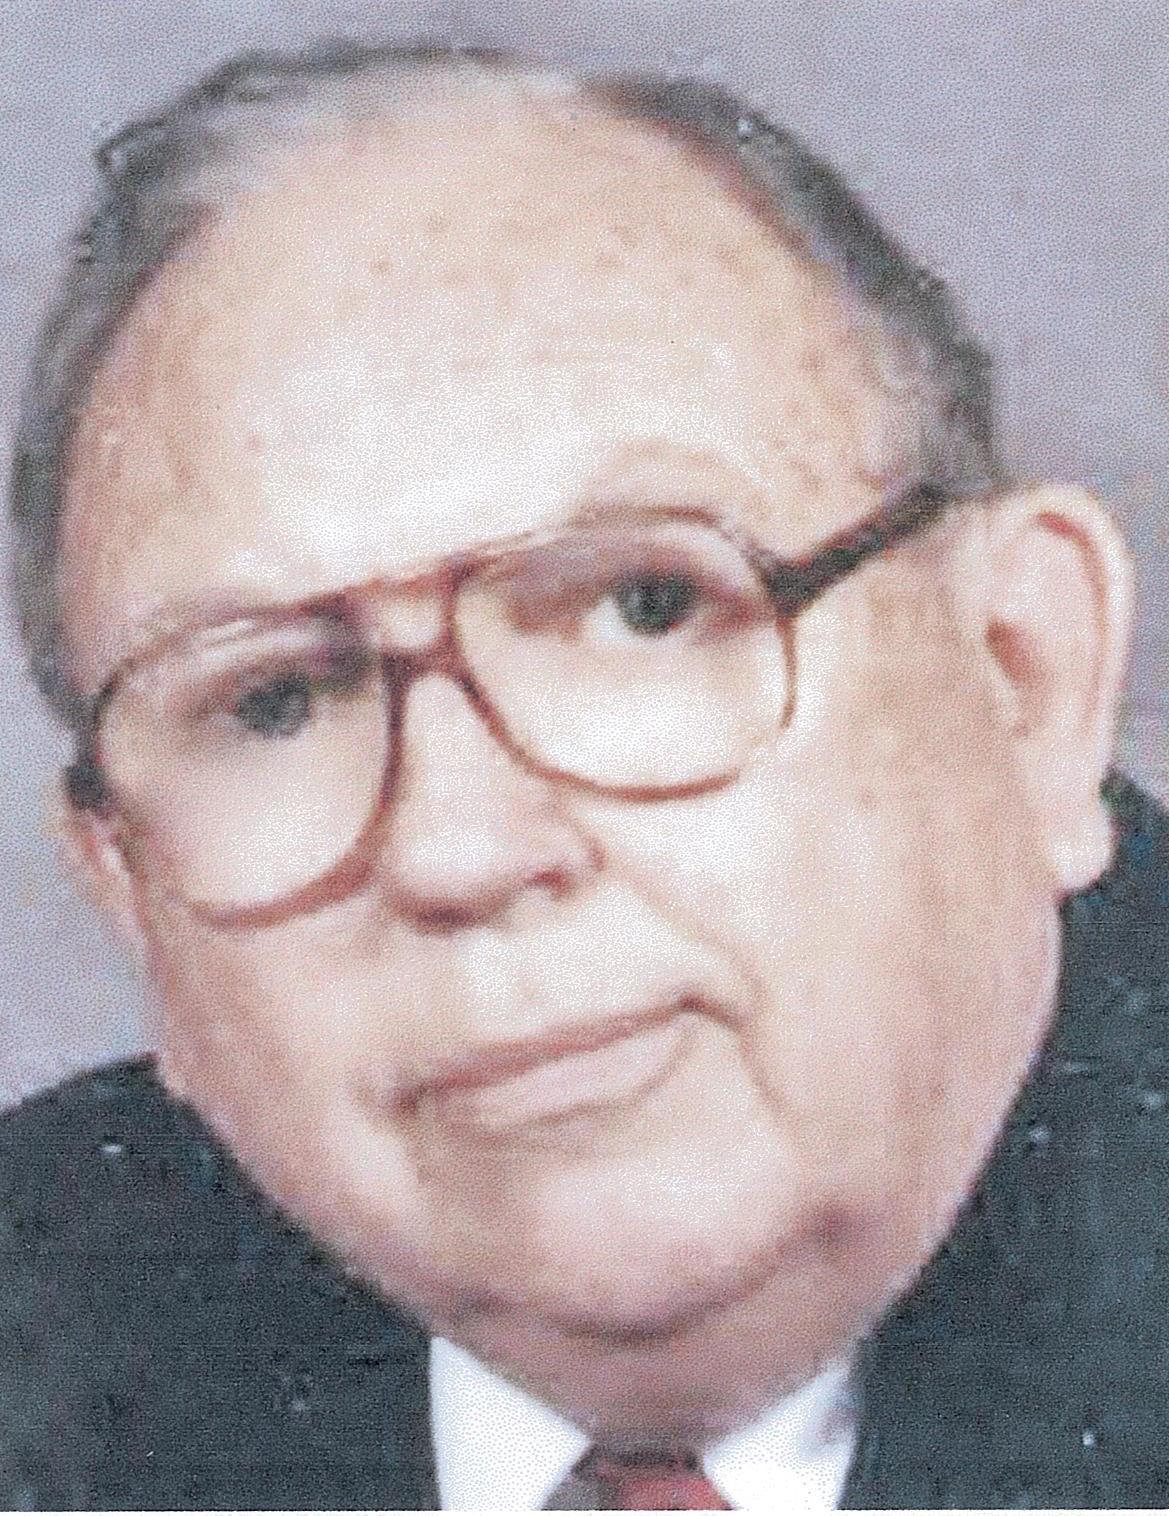 Rev. Keeran Chester Willis